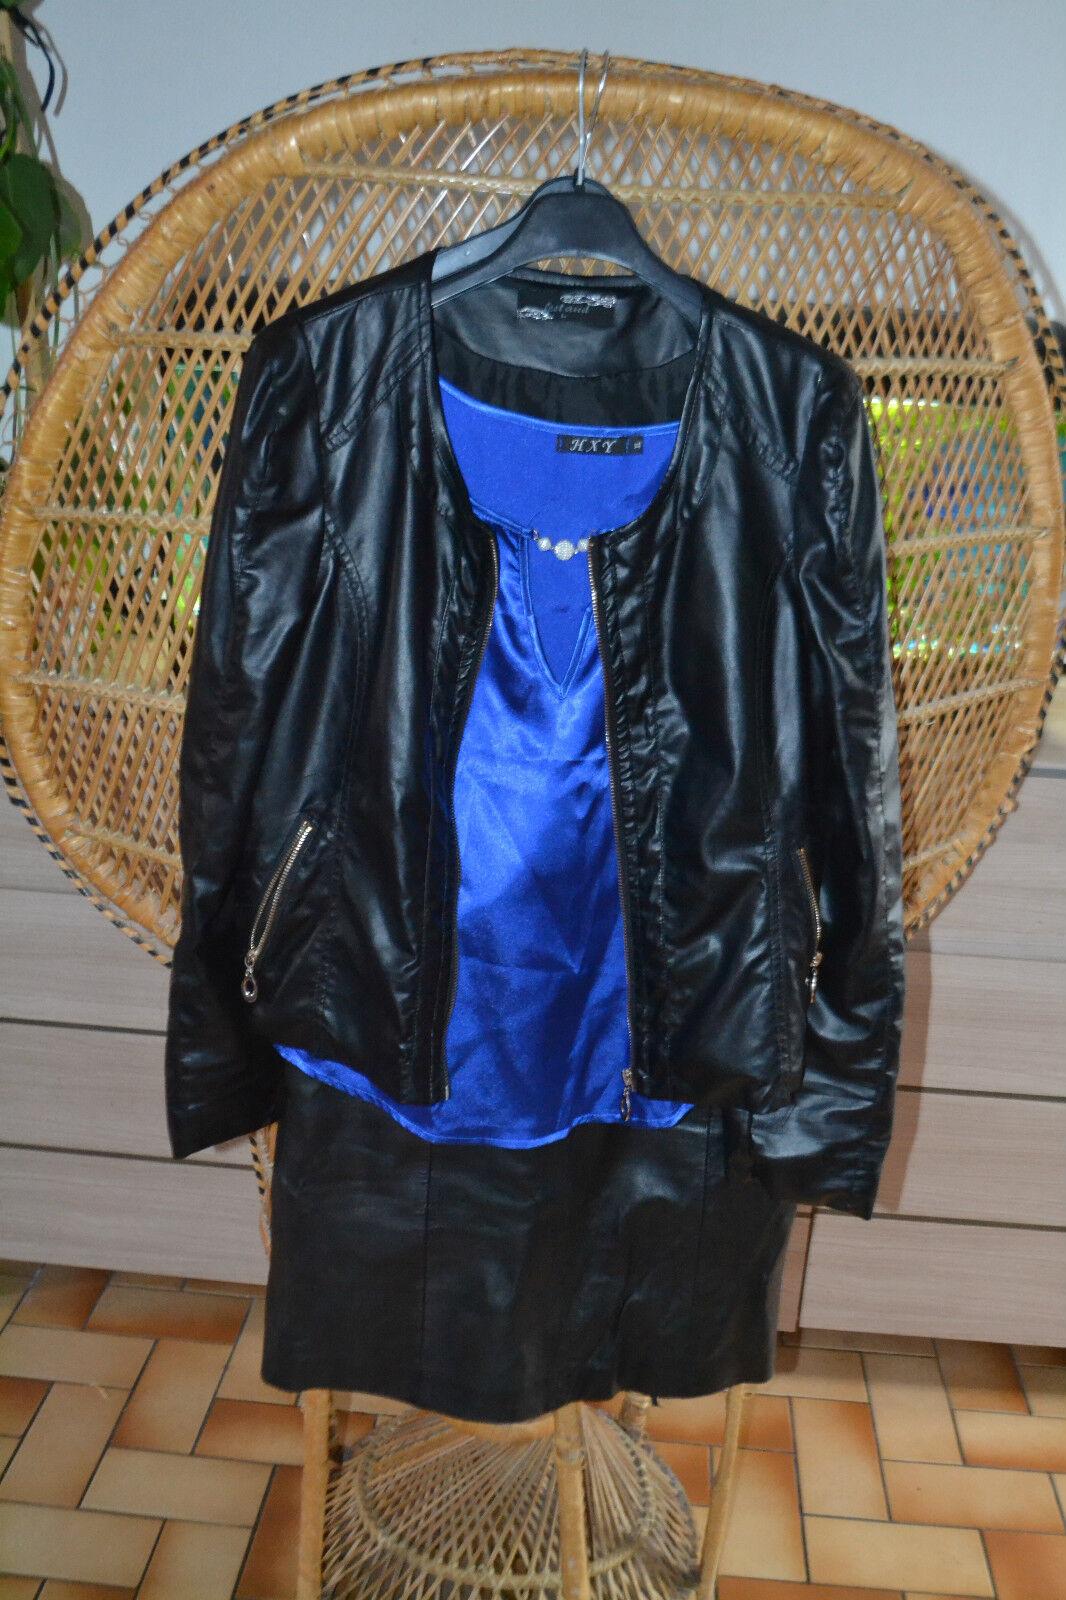 Superbe tenue sexy pour 38-40 38-40 38-40 simili cuir, veste + jupe occasion + 1 haut neuf 8ec3a0